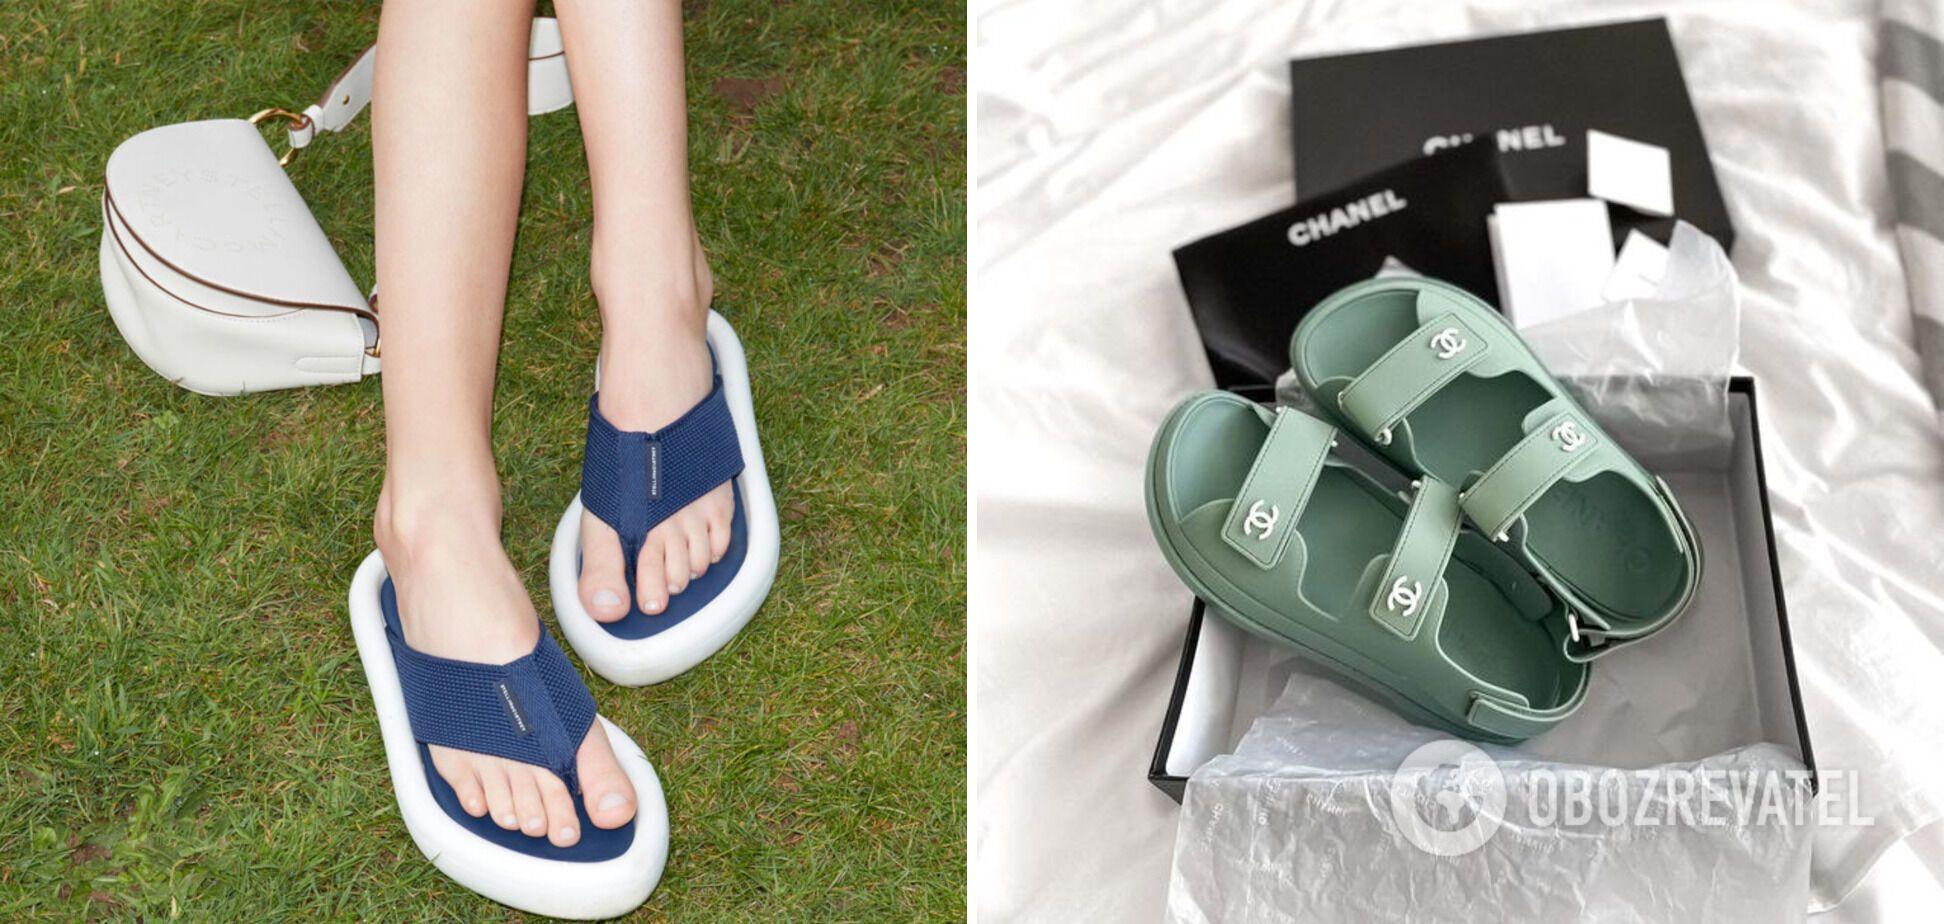 Вьетнамки, сандалии и кроссовки стоит положить в чемодан.